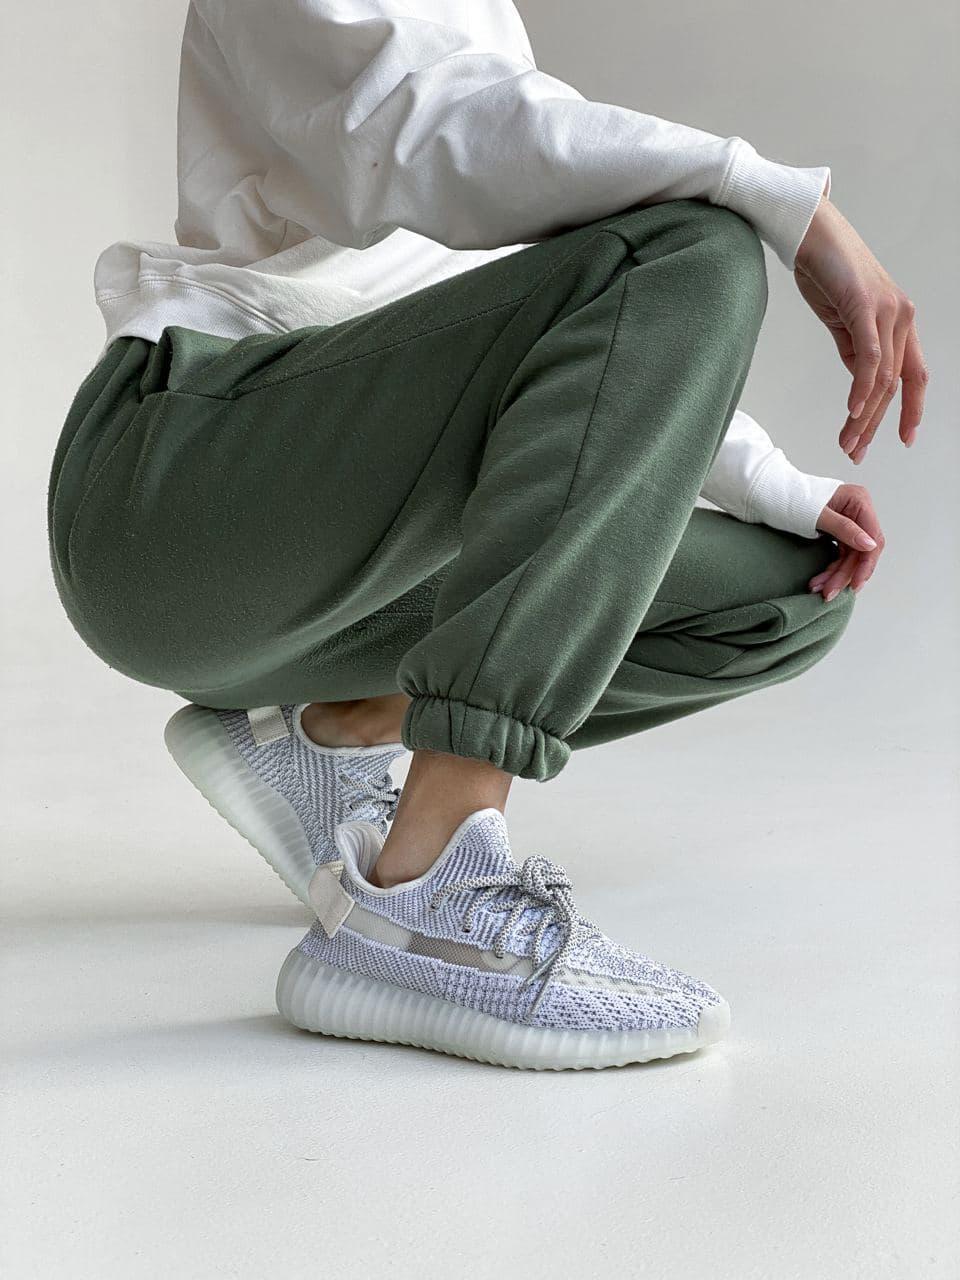 Кроссовки женские Adidas Yeezy рефлективные. Женские кроссовки Адидас Изи Буст светоотражающие.